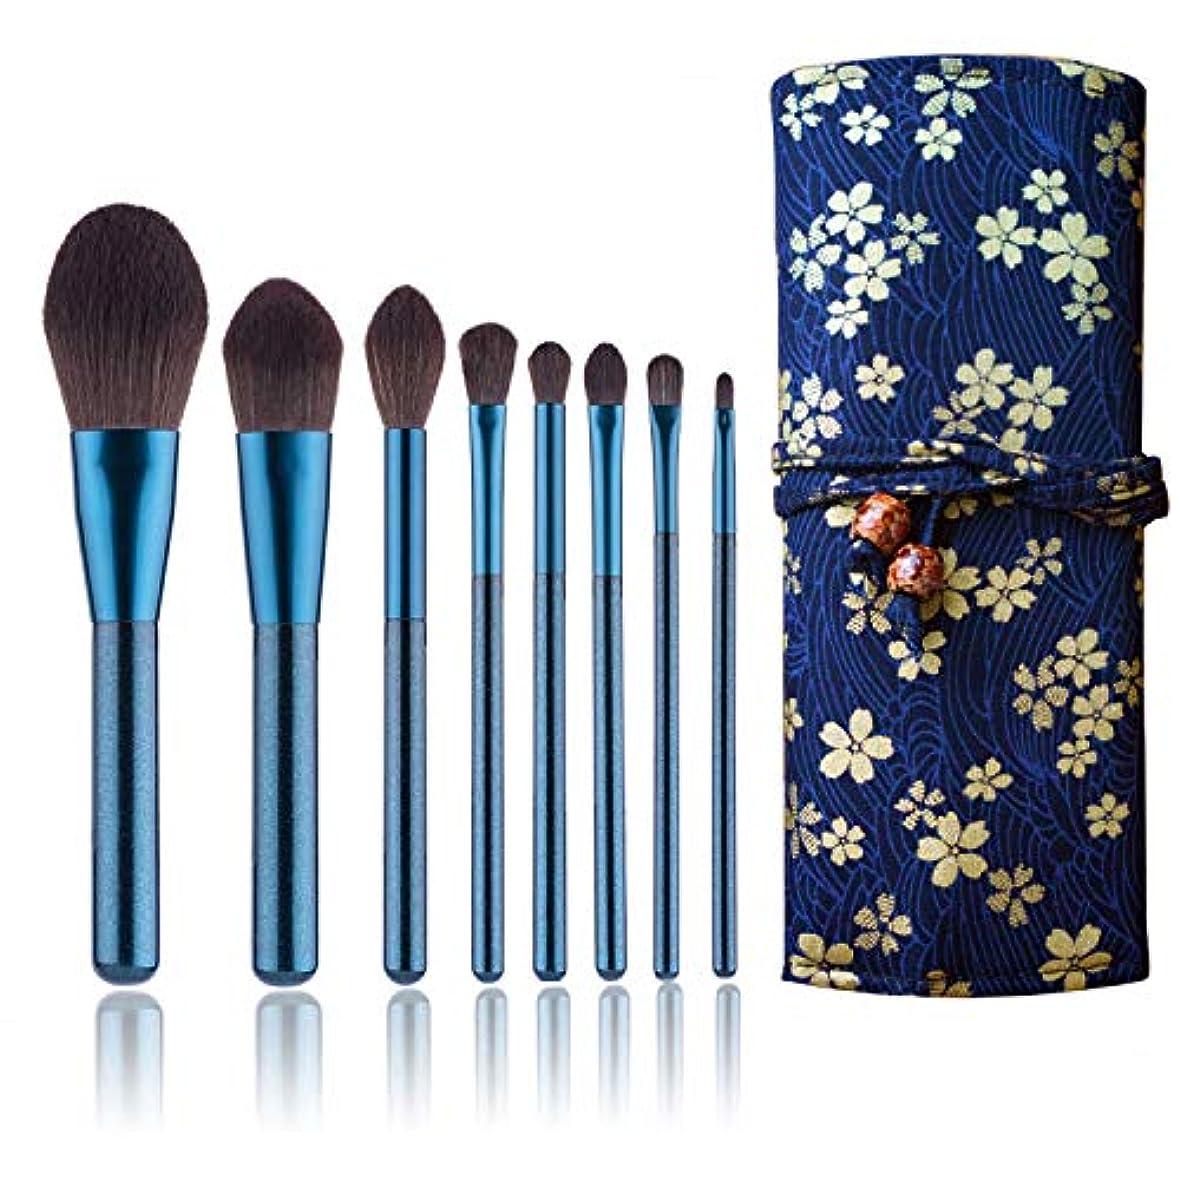 漏れ変形する受付ZOE·Y メイクブラシ 8本セット 化粧ブラシ 柔らかい 化粧筆 可愛い 化粧ポーチ付き 携帯便利 誕生日プレゼントゃギフトにもおすすめ makeup brushes